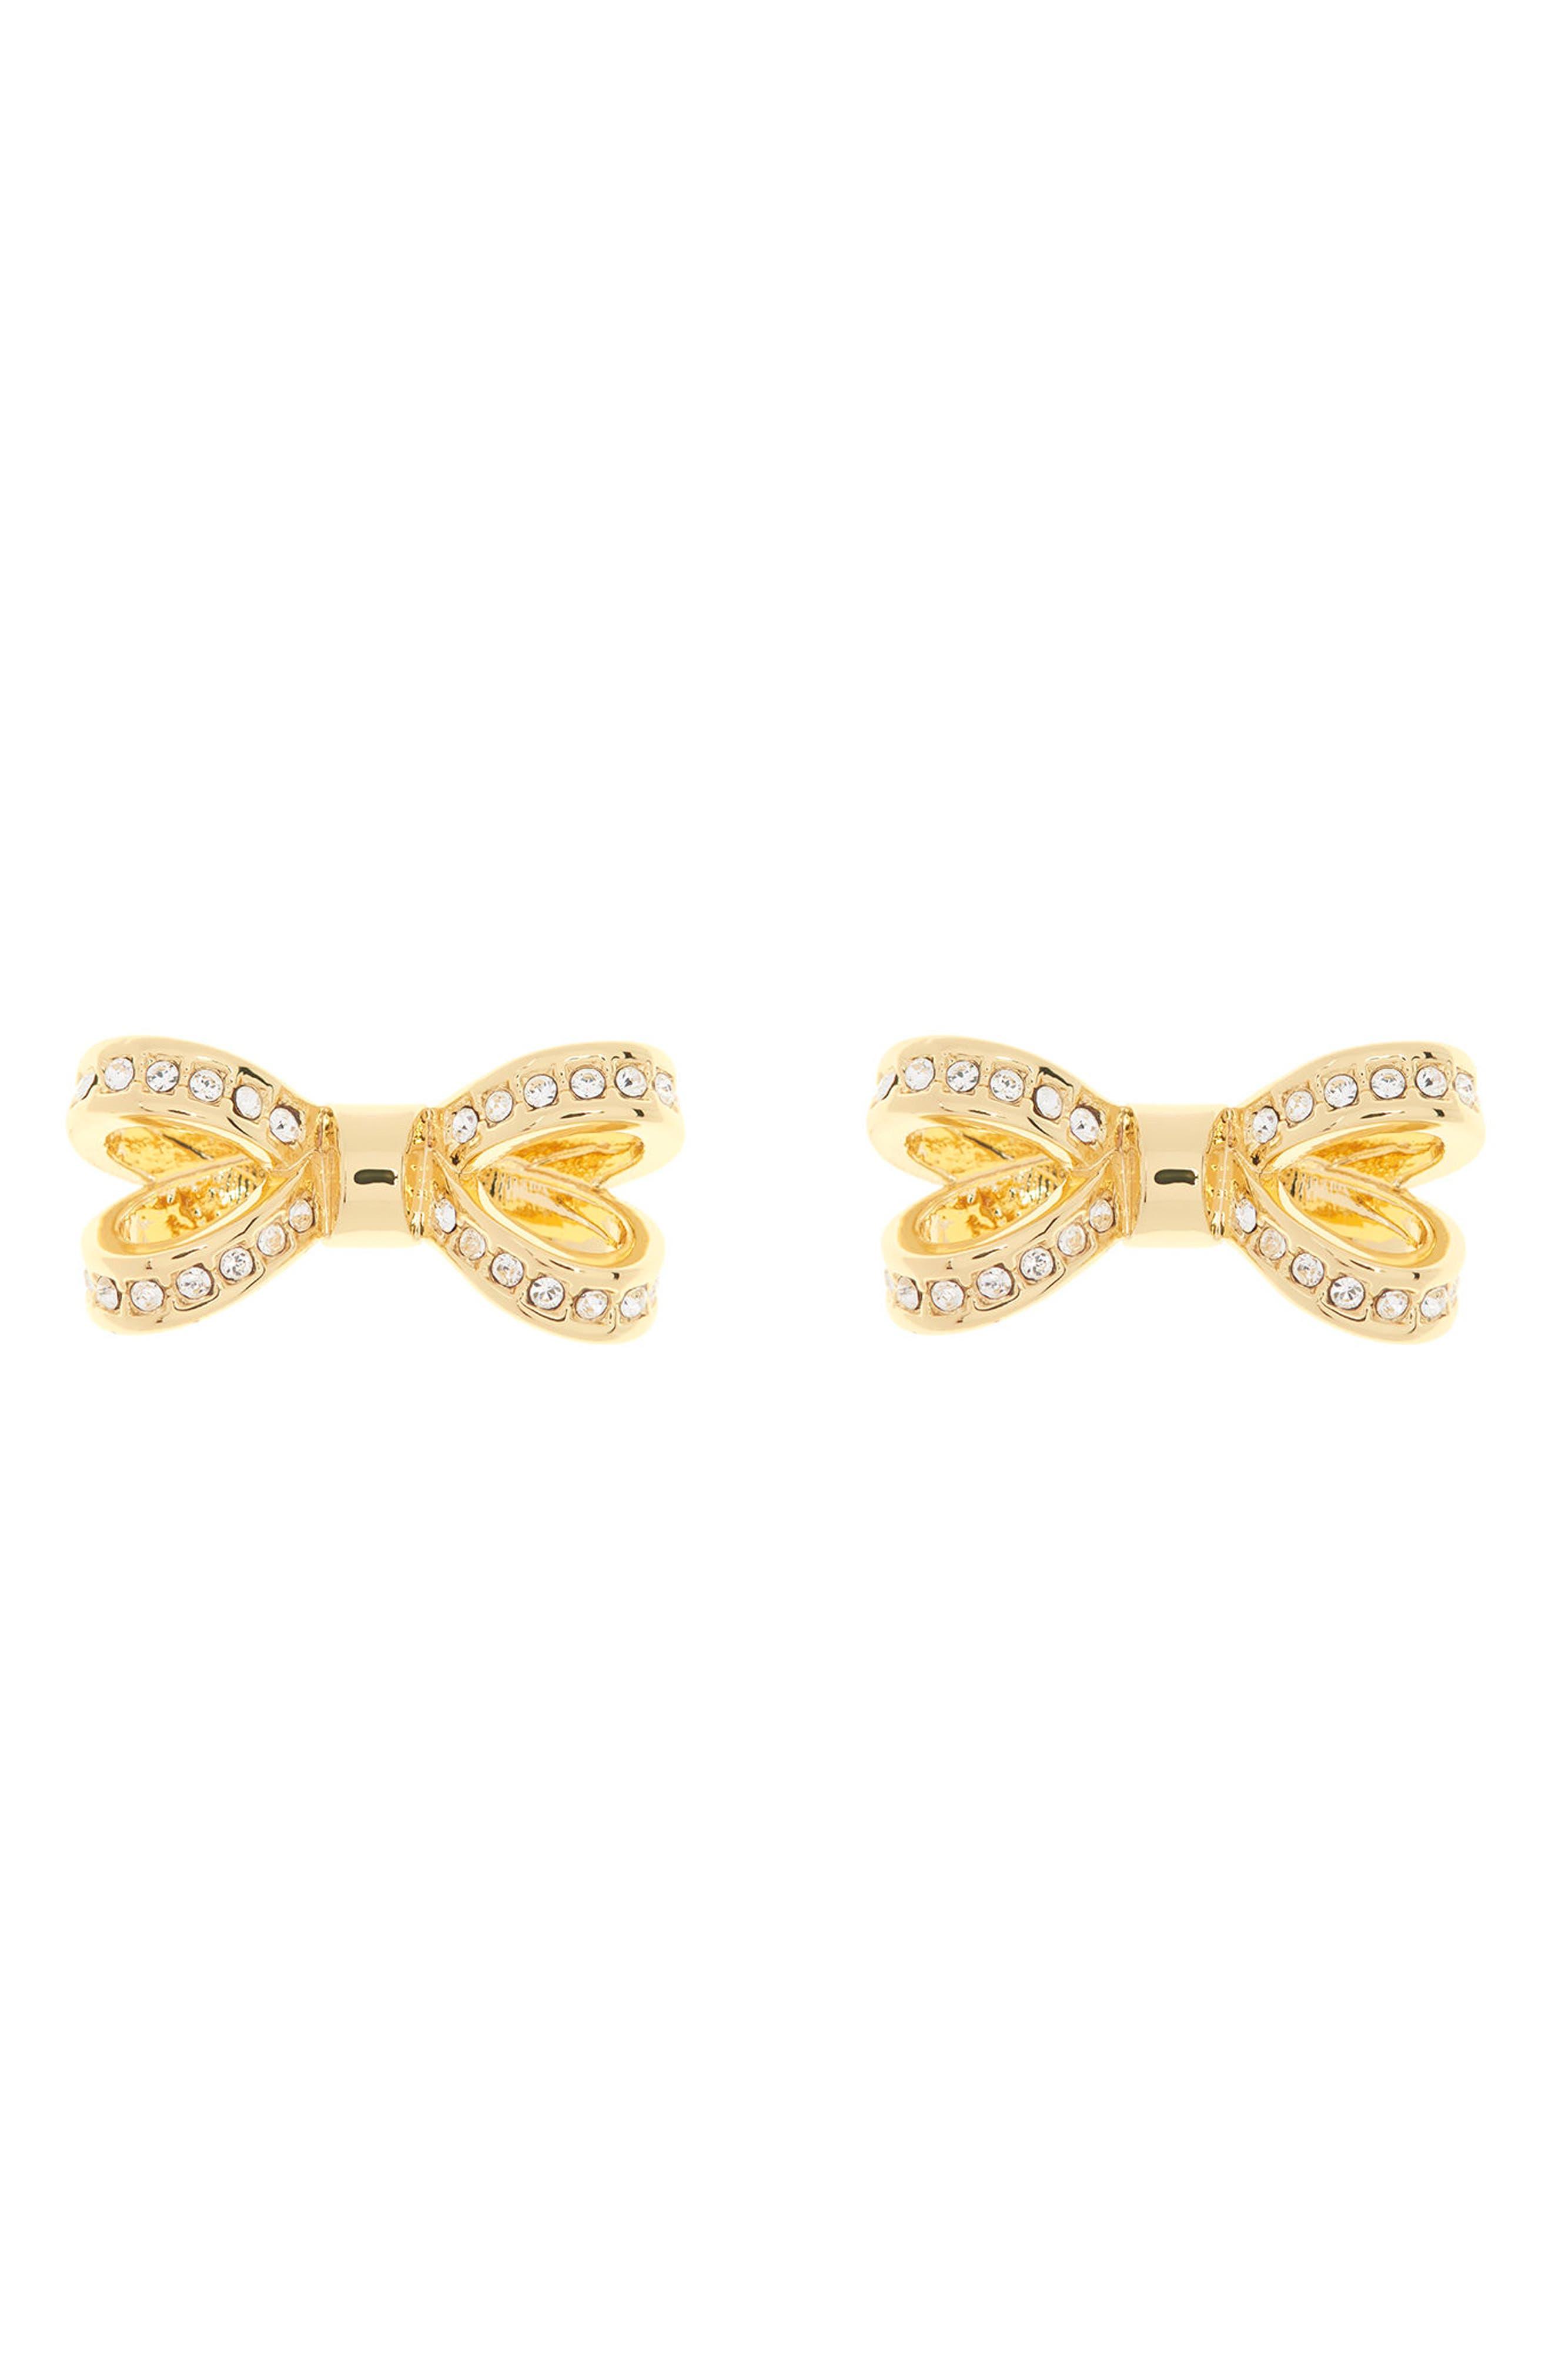 Ted Baker London Mini Opulent Pavé Bow Stud Earrings